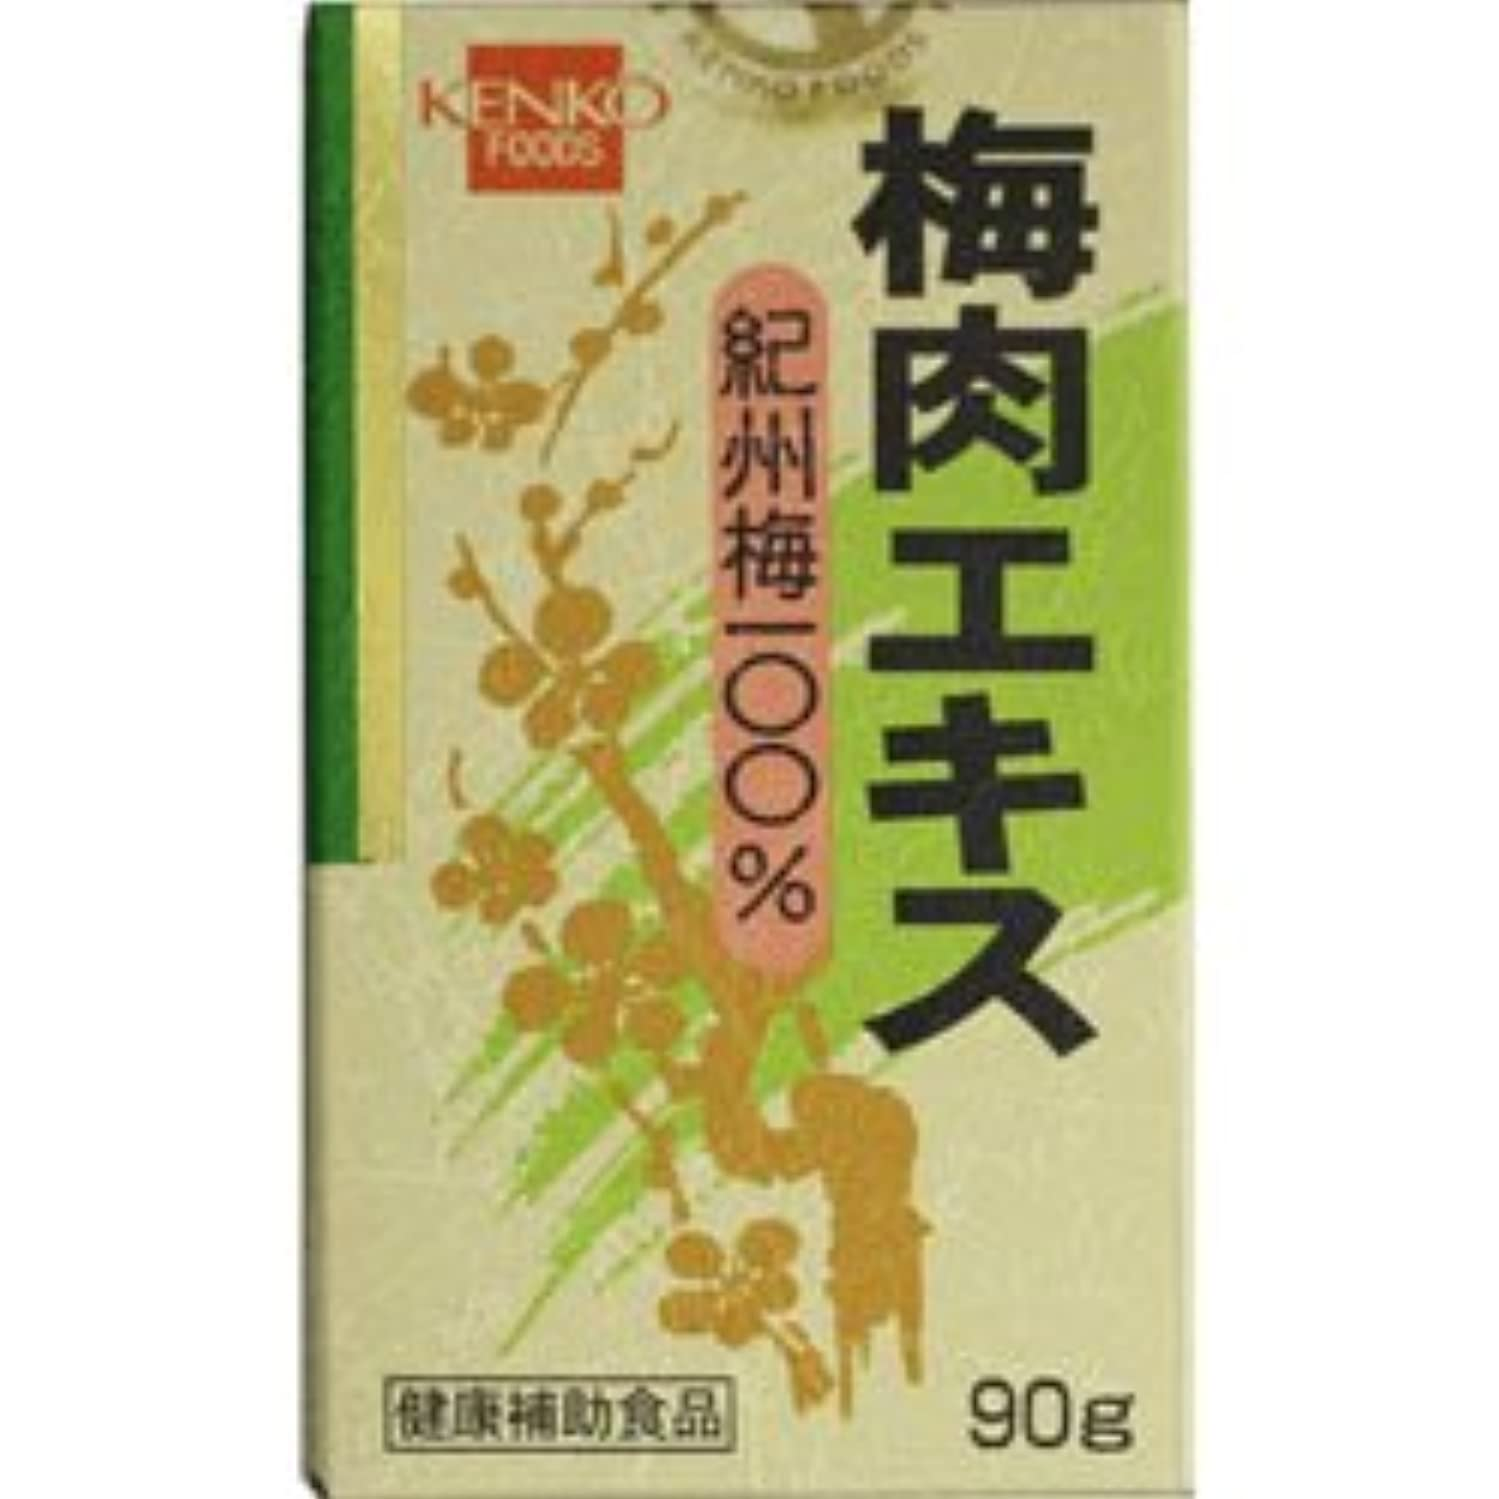 リフトストロークストレージ【健康フーズ】梅肉エキス 紀州梅100% 90g ×3個セット